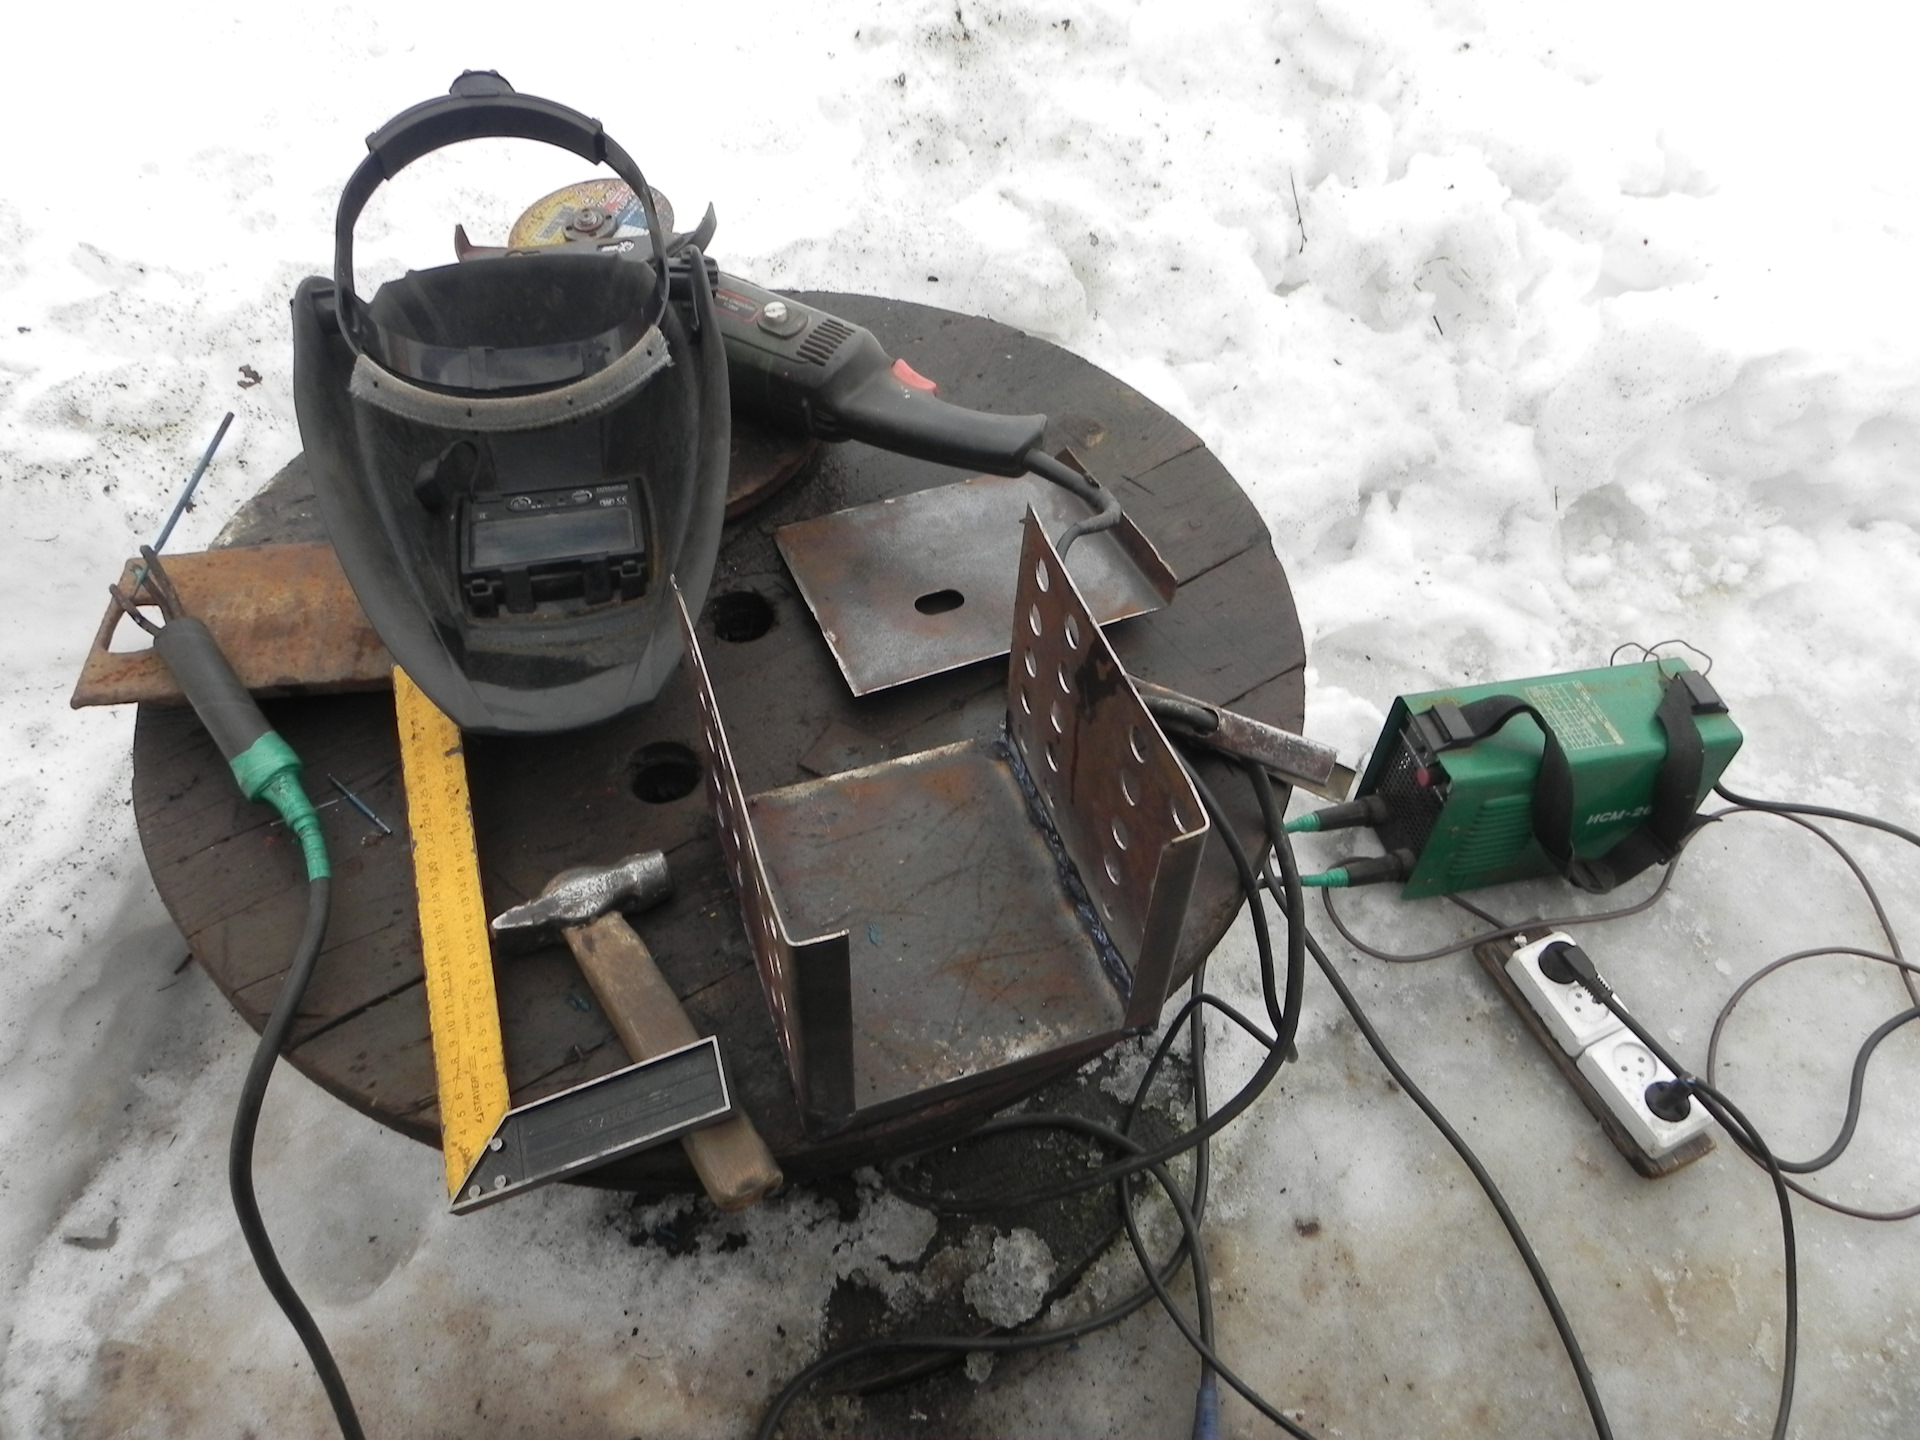 Теплообменник для зимней рыбалки без вентилятора как снять теплообменник с газового котла аристон видео